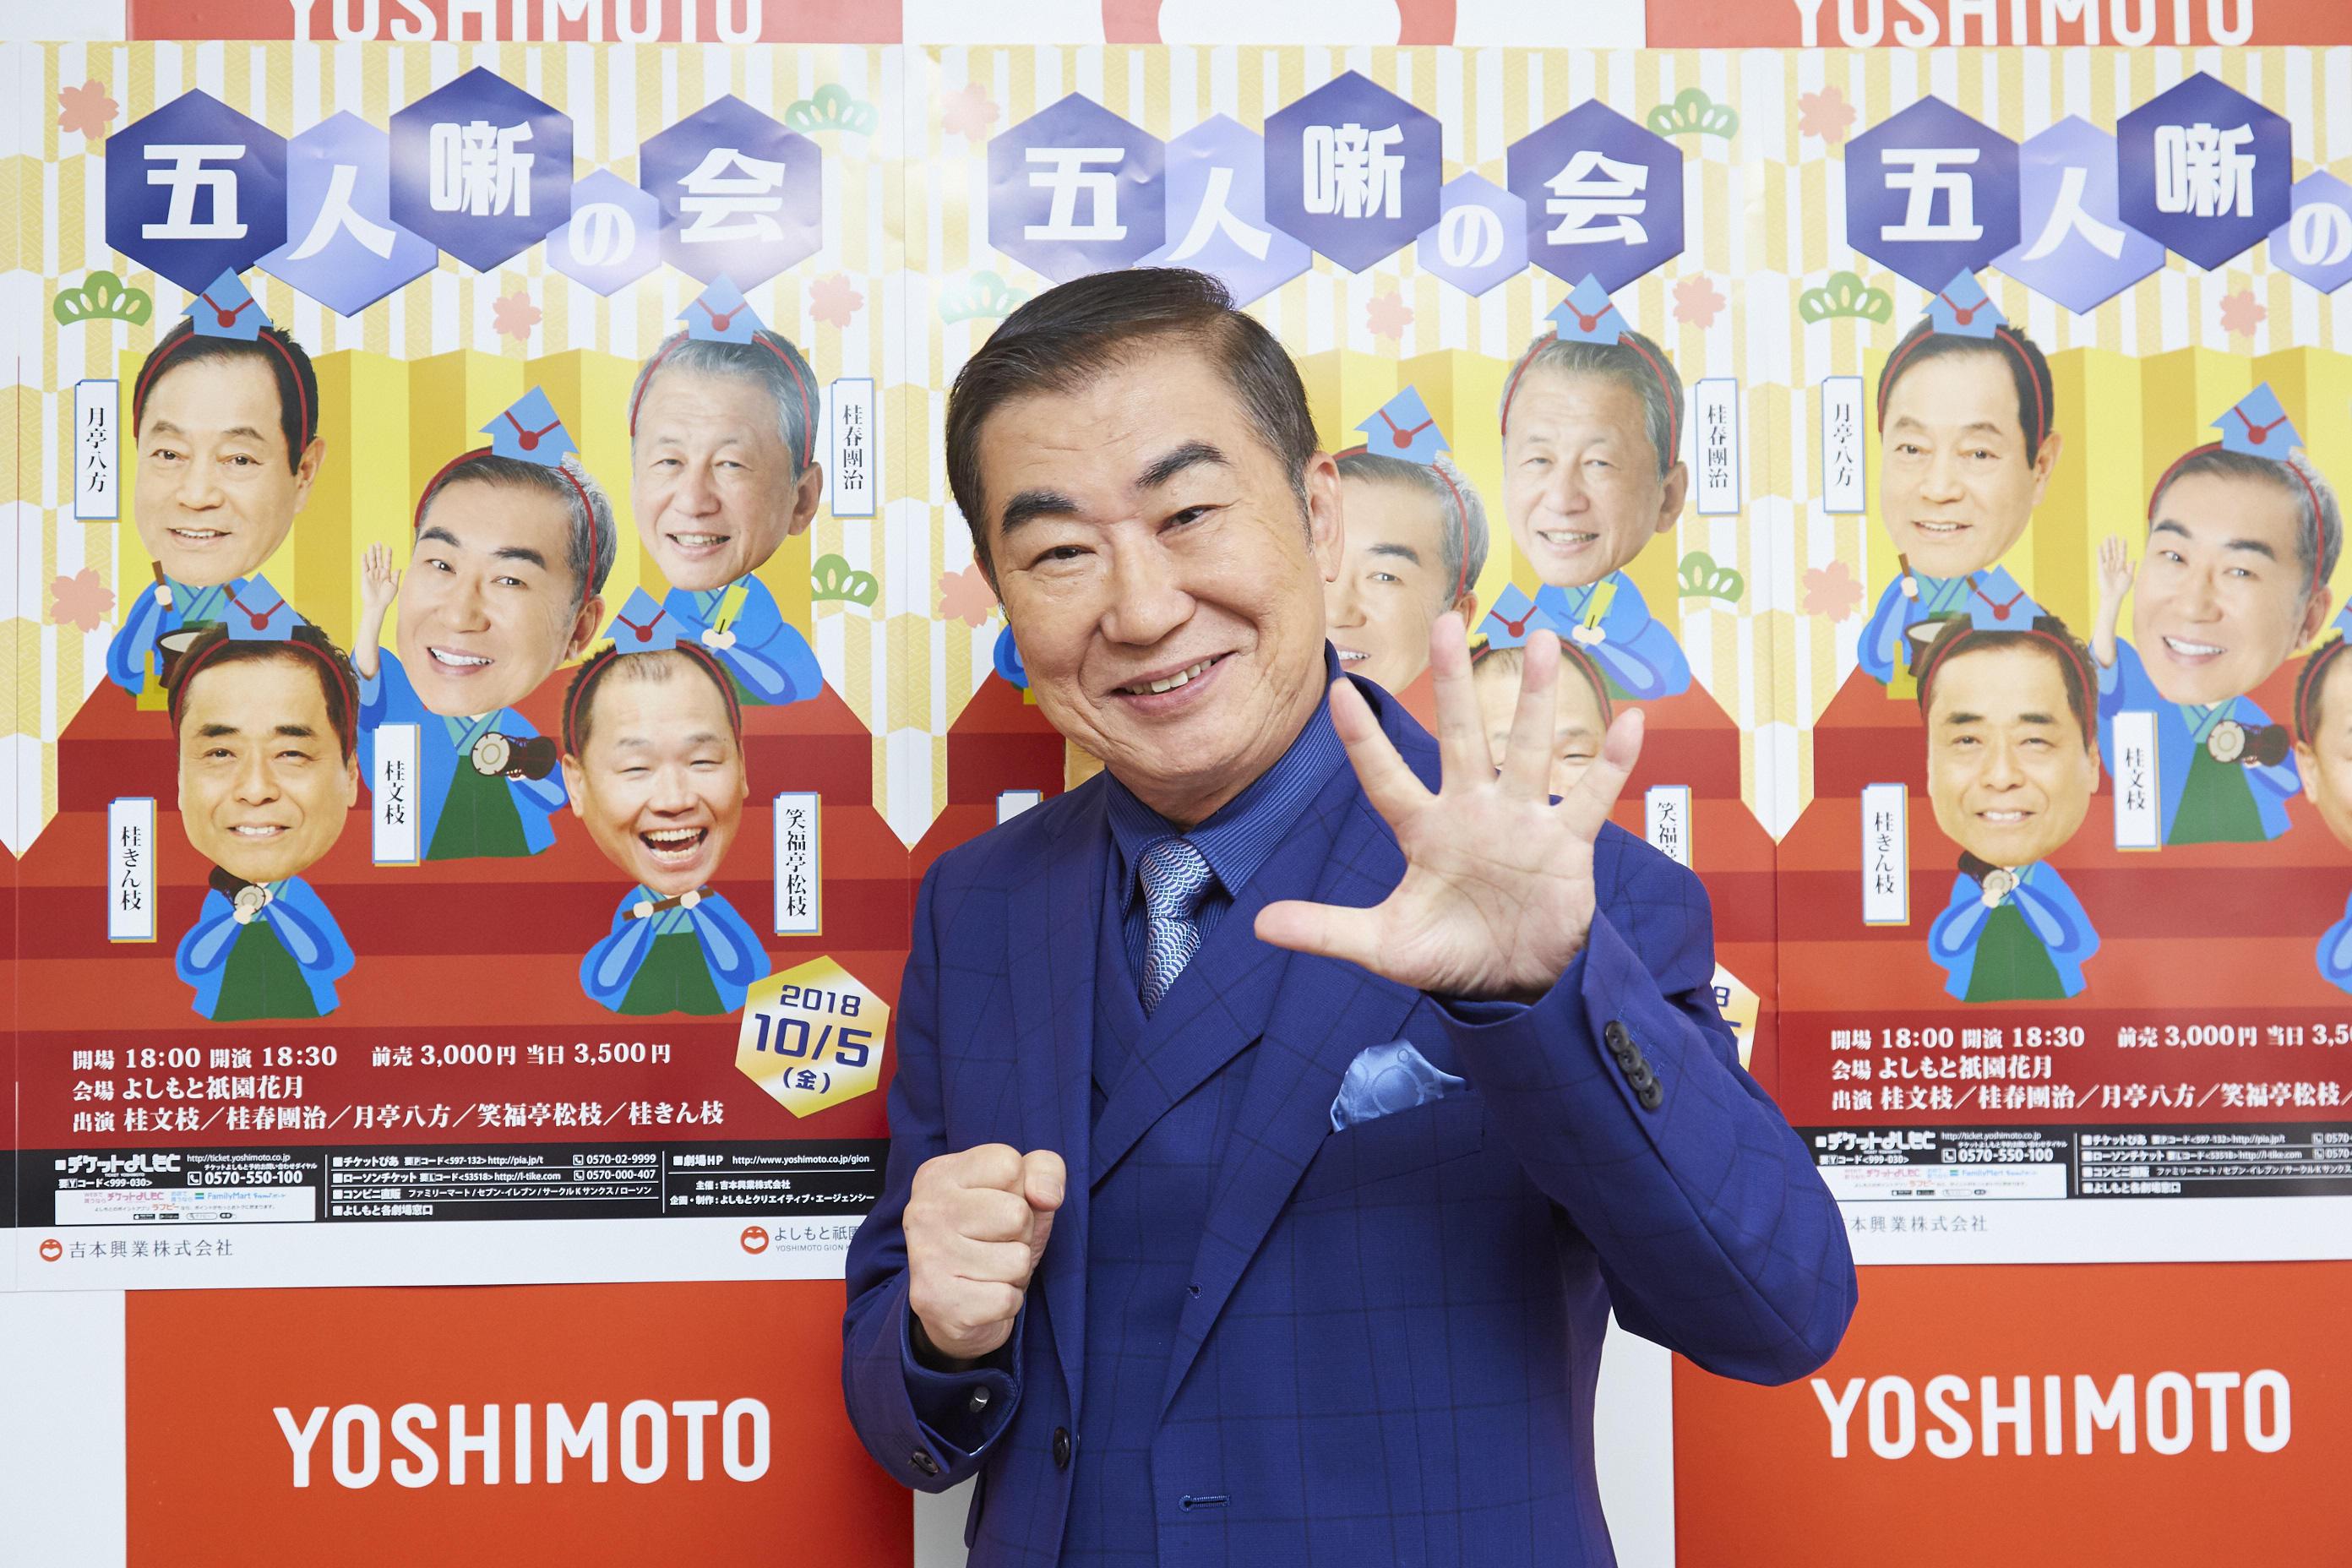 http://news.yoshimoto.co.jp/20180913204104-a054f23e17c05762ff58e9b81984a30c678bd122.jpg